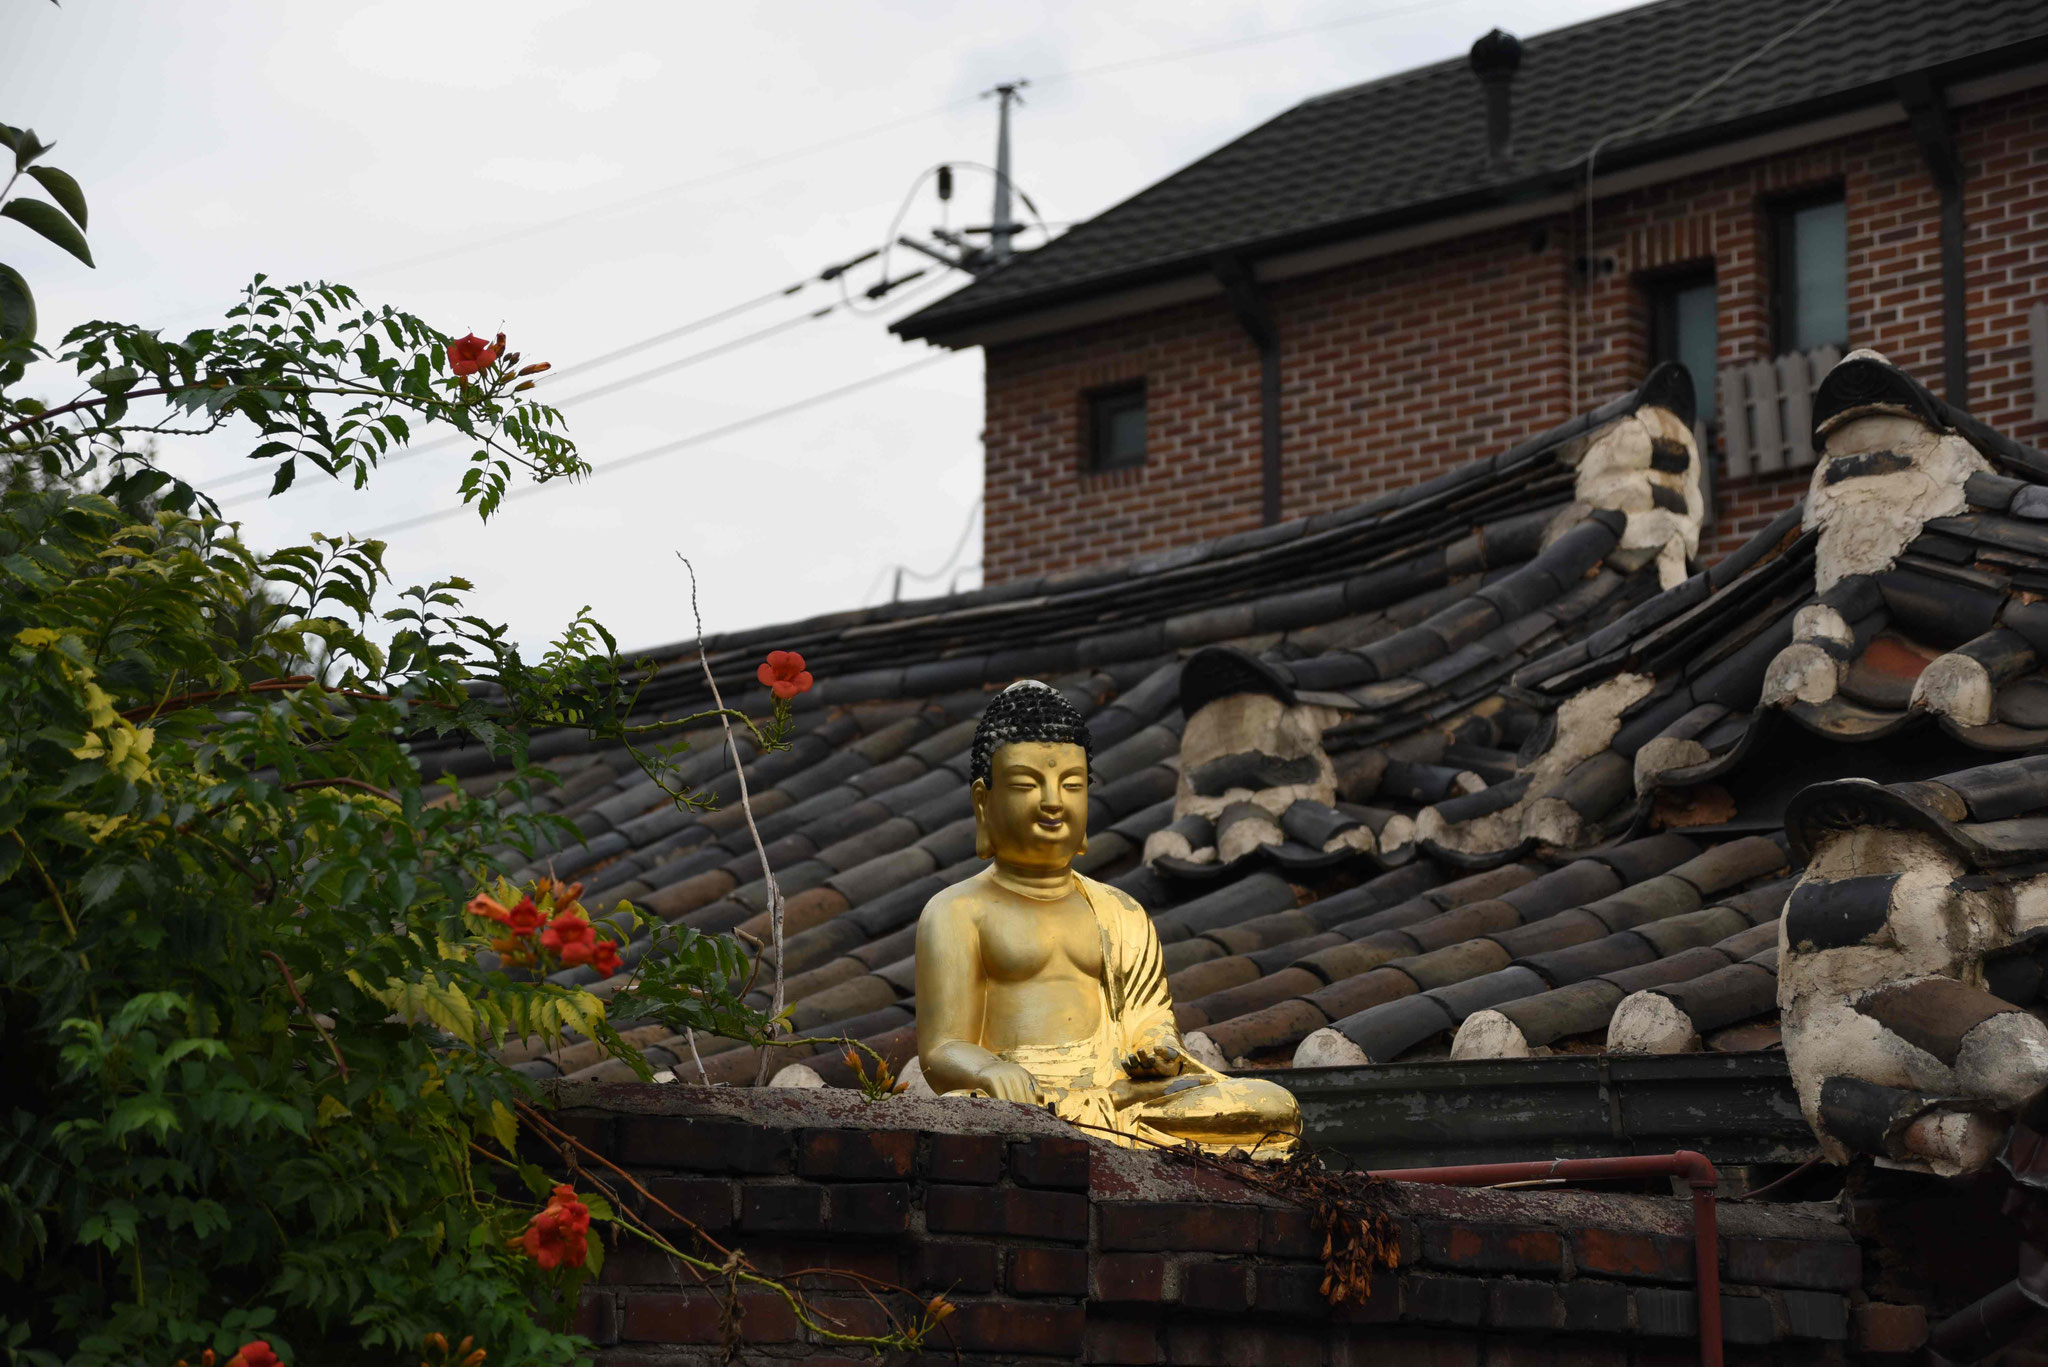 Verehrung Buddas auf dem Dach